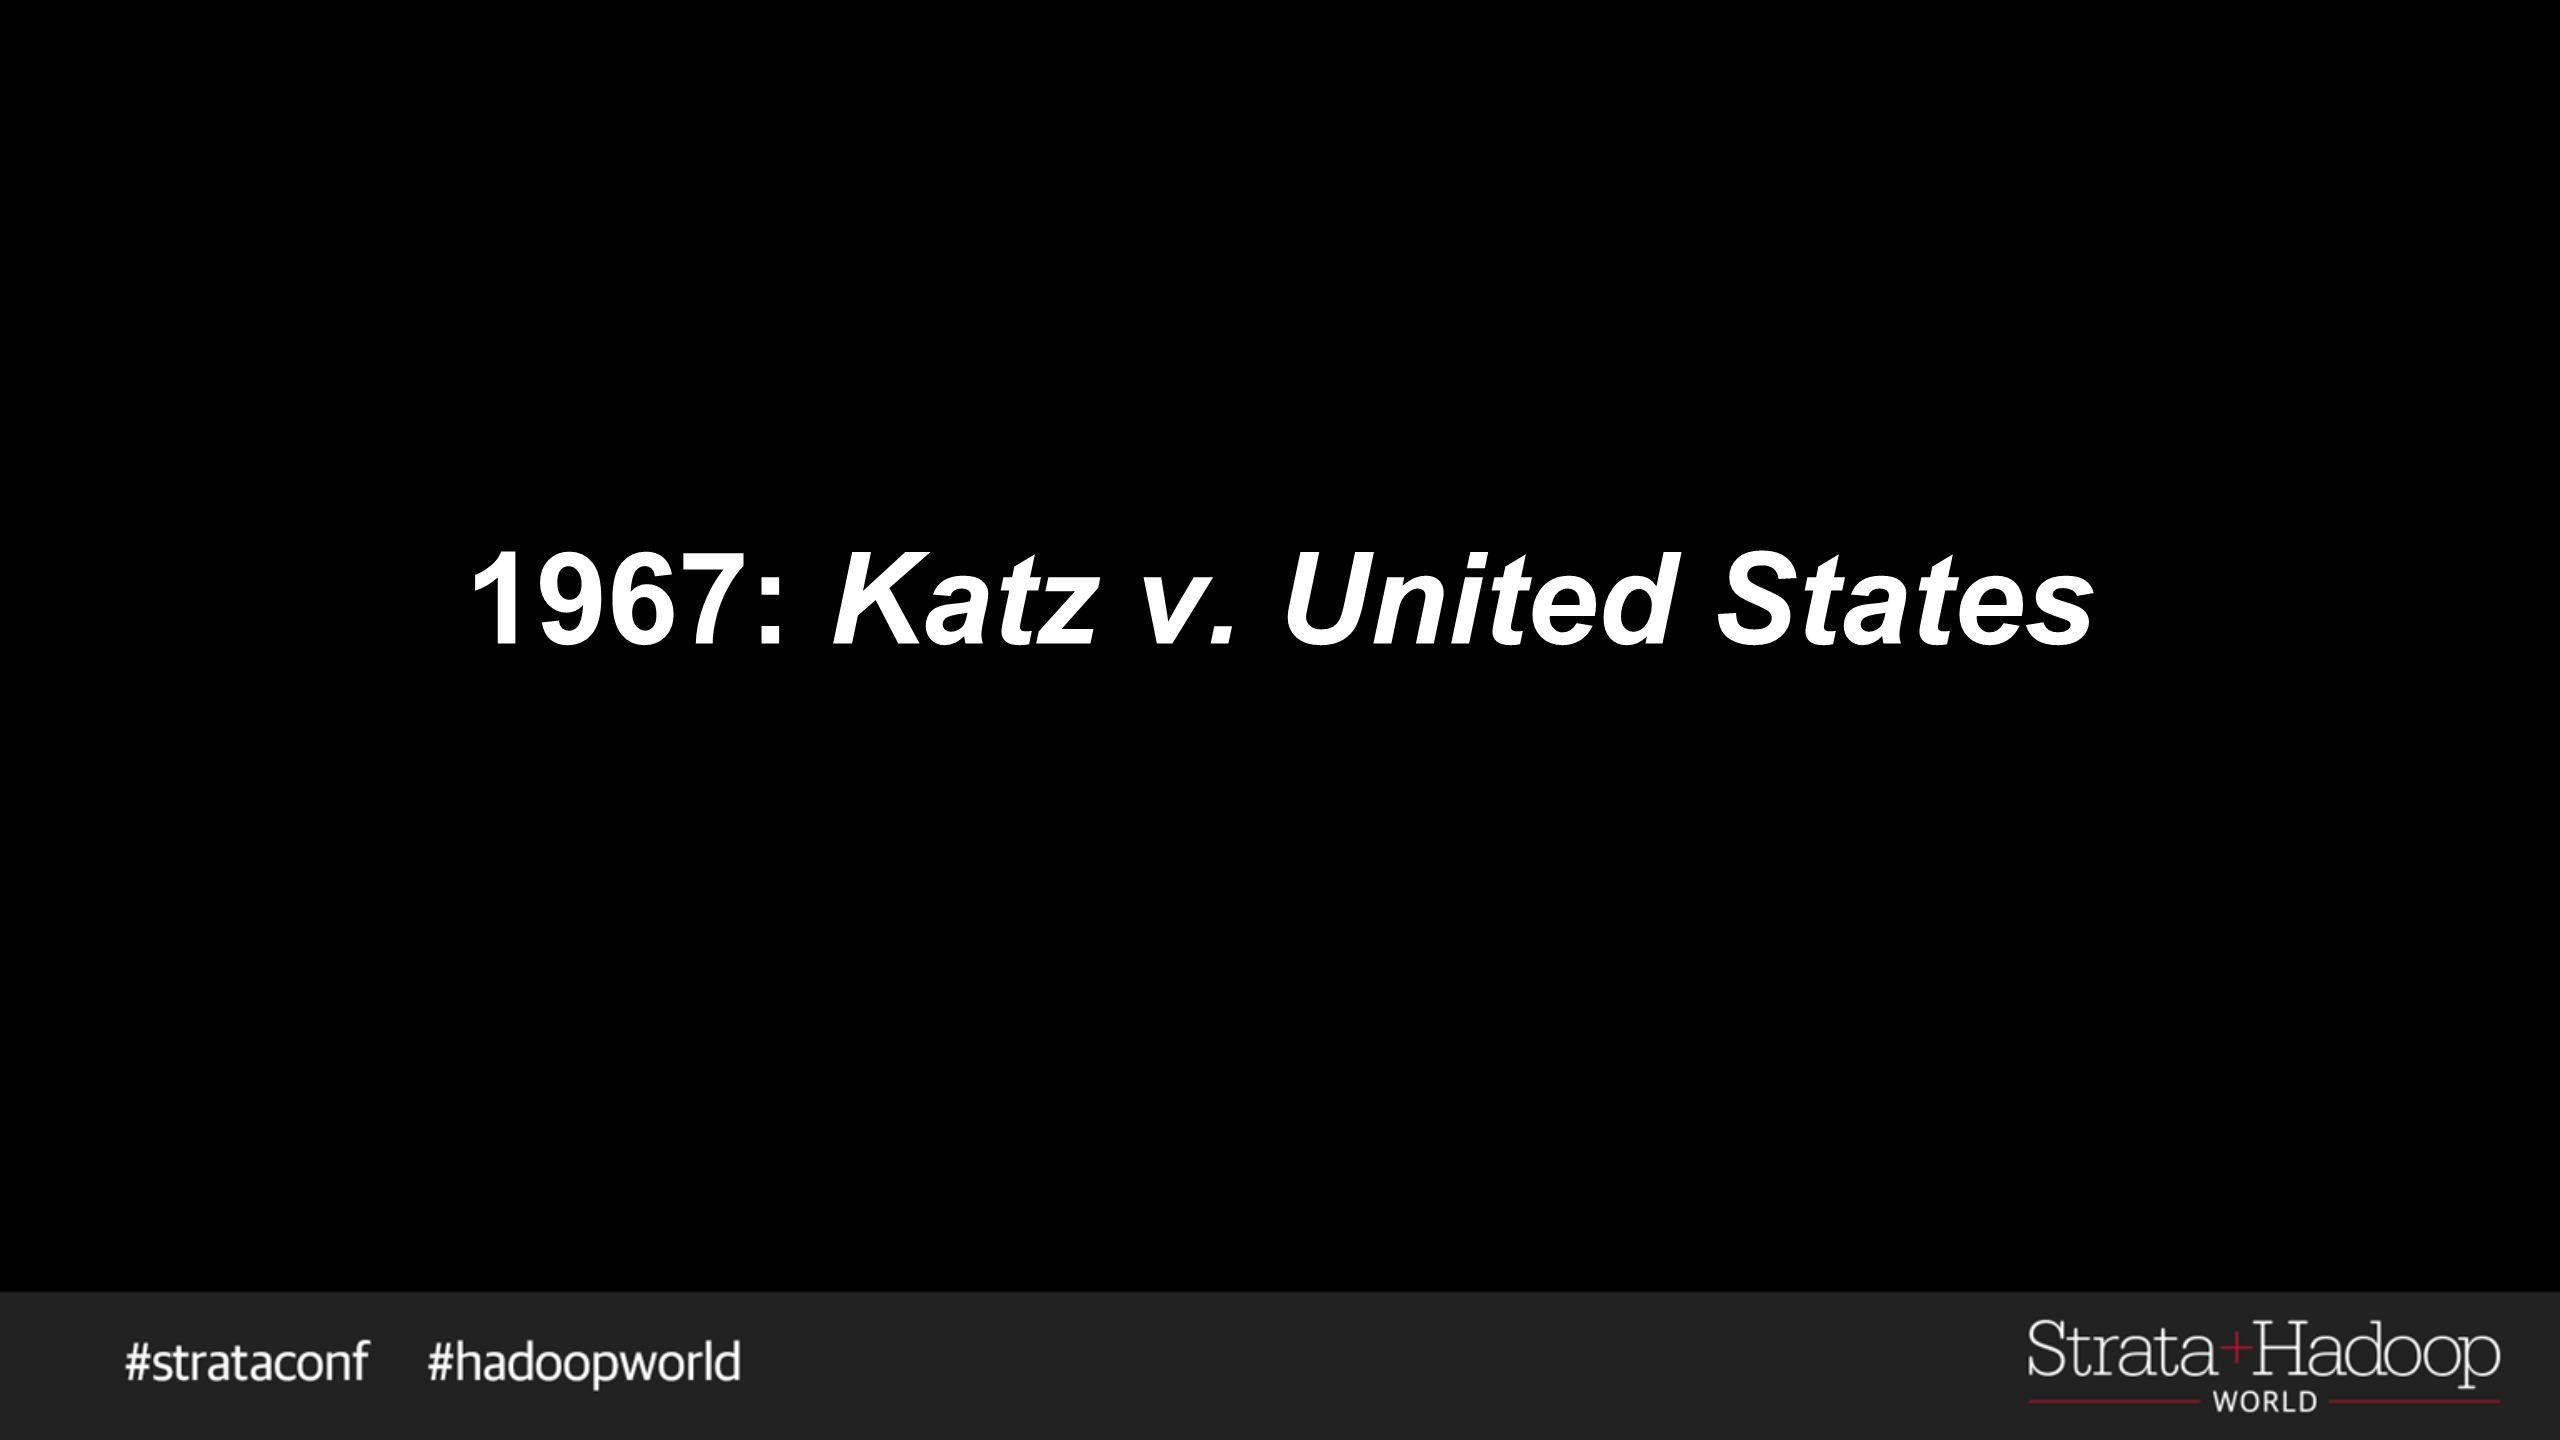 1967: Katz v. United States